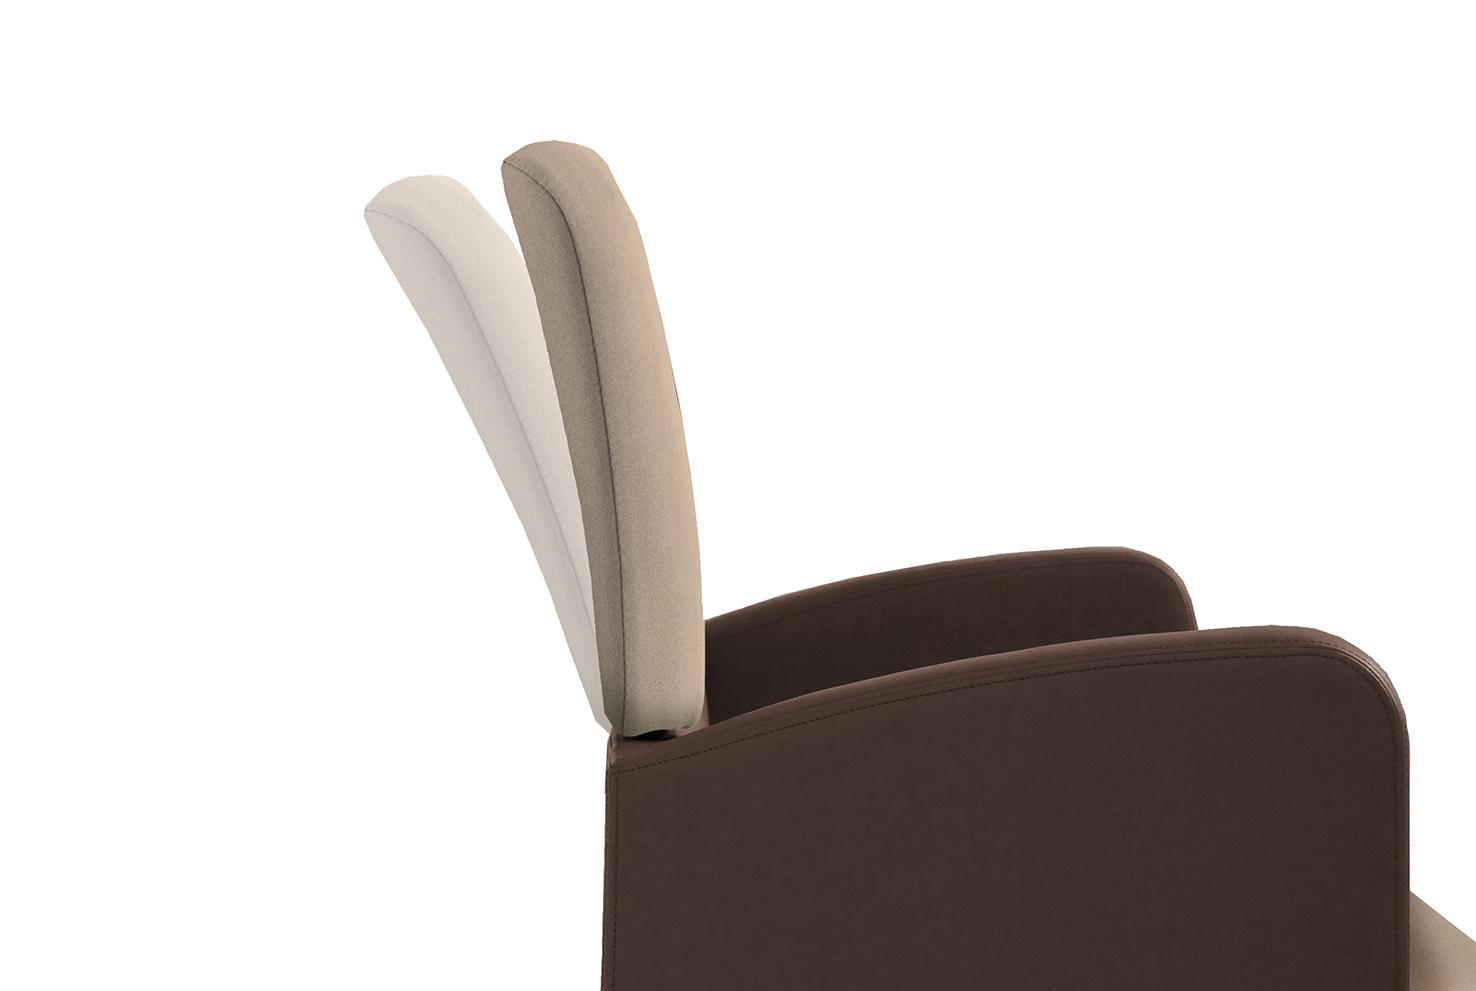 professionelle seniorenst hle kaufen leicht gemacht f r altenheim krankenhaus und seniorenstift. Black Bedroom Furniture Sets. Home Design Ideas